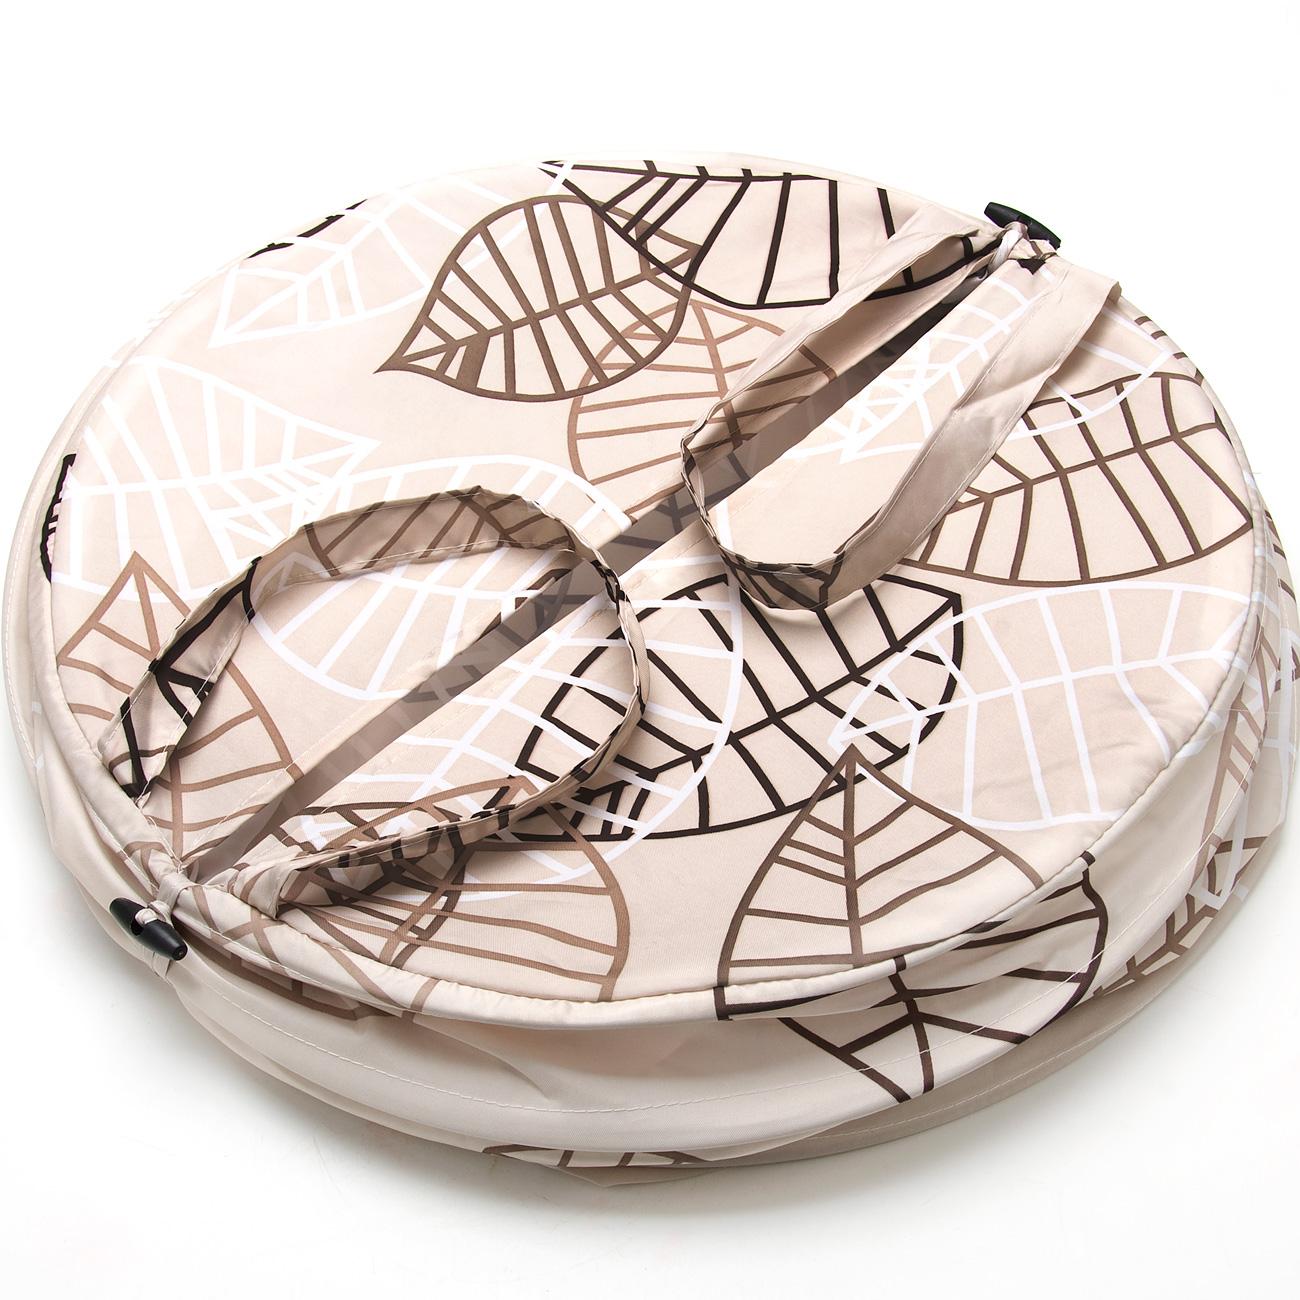 Корзина для белья Aqva Line Пастель, 46 х 53 см. 1300033B1300033BСкладывающаяся корзина для белья выполнена из прочного материала, приятного на ощупь, устойчивого к разрывам и проколам. Корзина снабжена двумя удобными ручками для переноски и закрывается сверху на молнию. Корзина очень удобна в использовании - в собранном виде она обладает вместительным объемом, а в сложенном, напротив, занимает очень мало места. Корзина безусловно займет достойное место в вашей ванной комнате, кроме того, у нас вы сможете подобрать к ней шторы для ванной, коврики, а также все необходимые аксессуары, выдержанные в том же стиле.